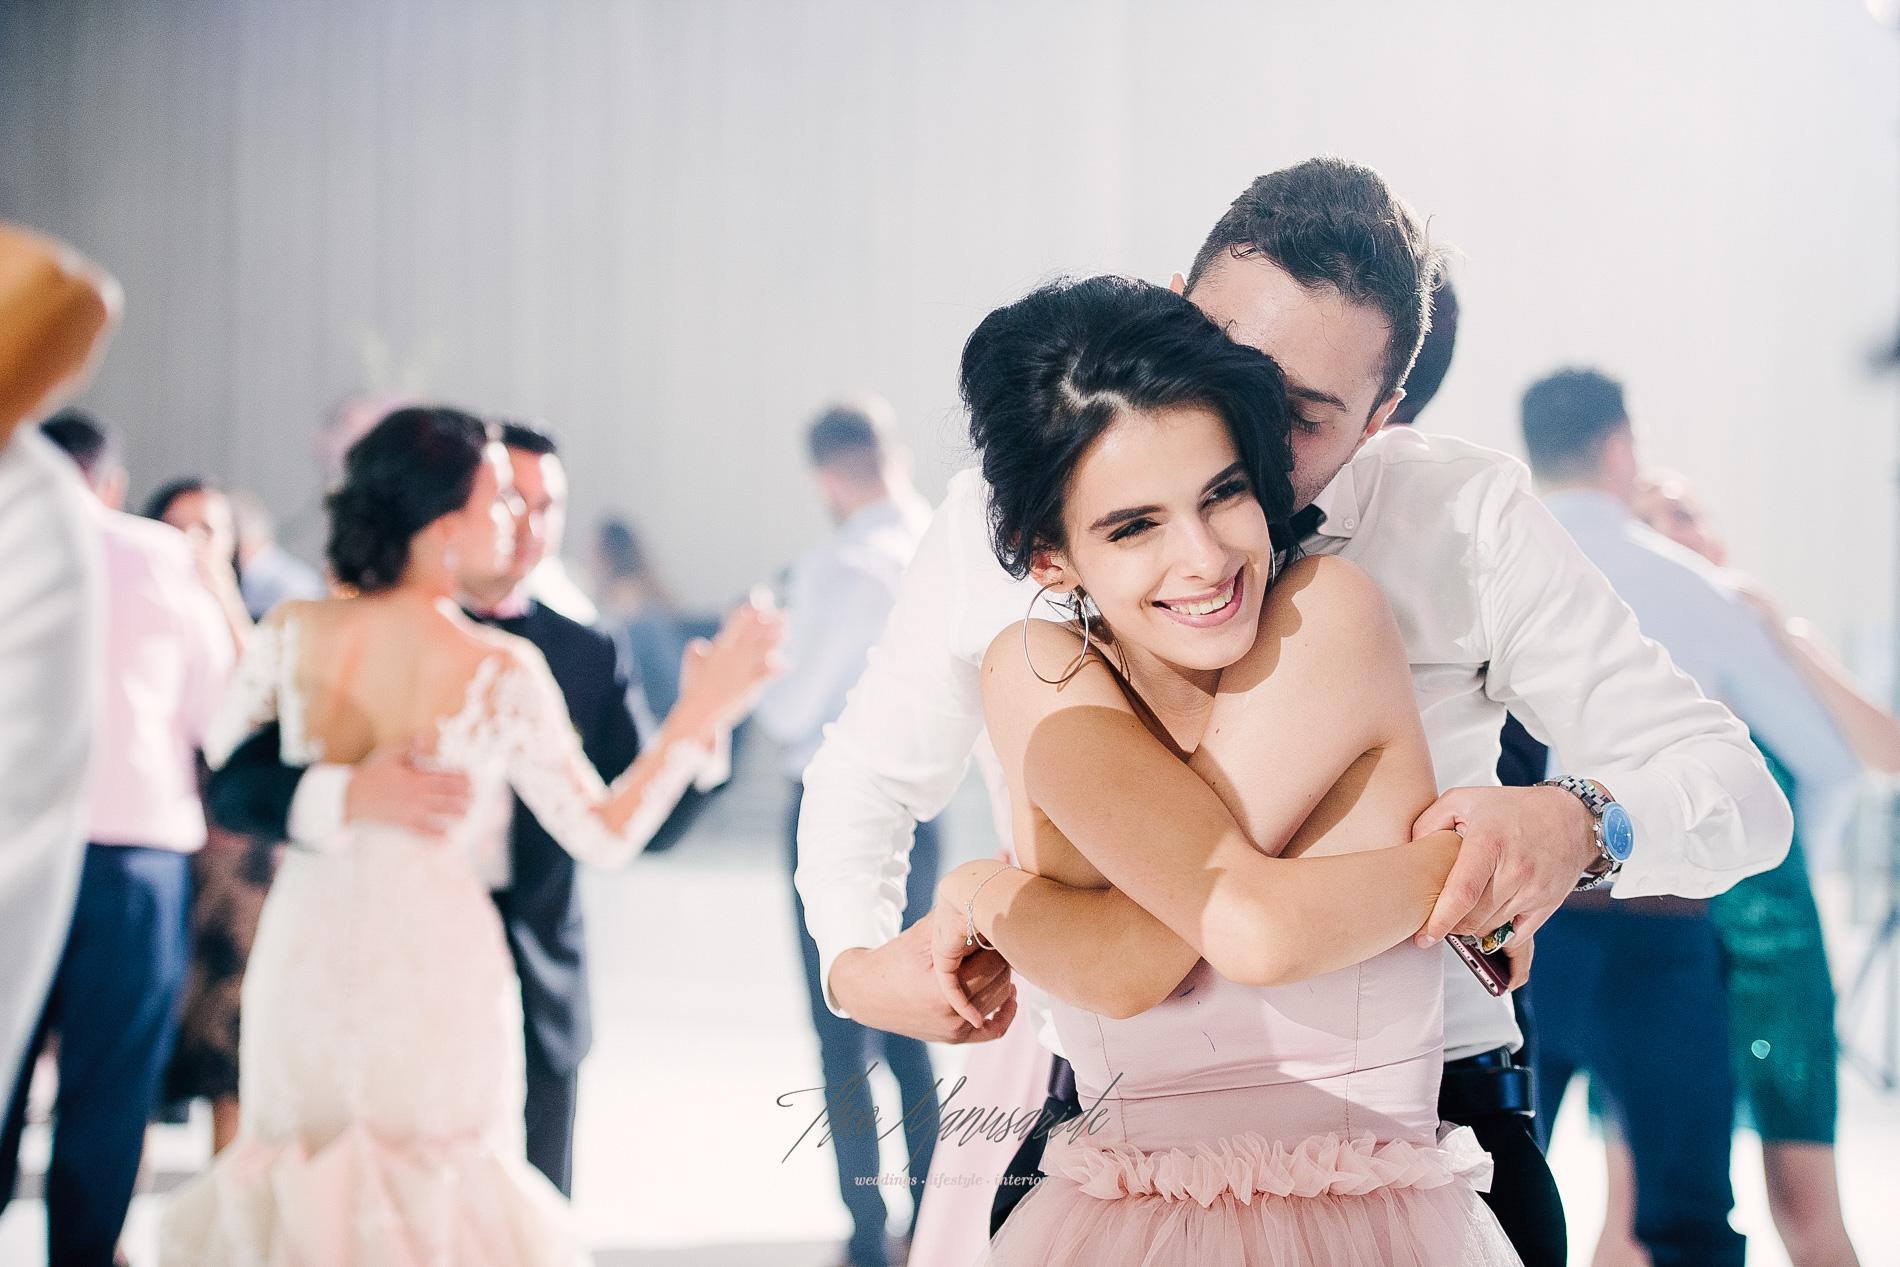 fotograf nunta biavati events-48-2